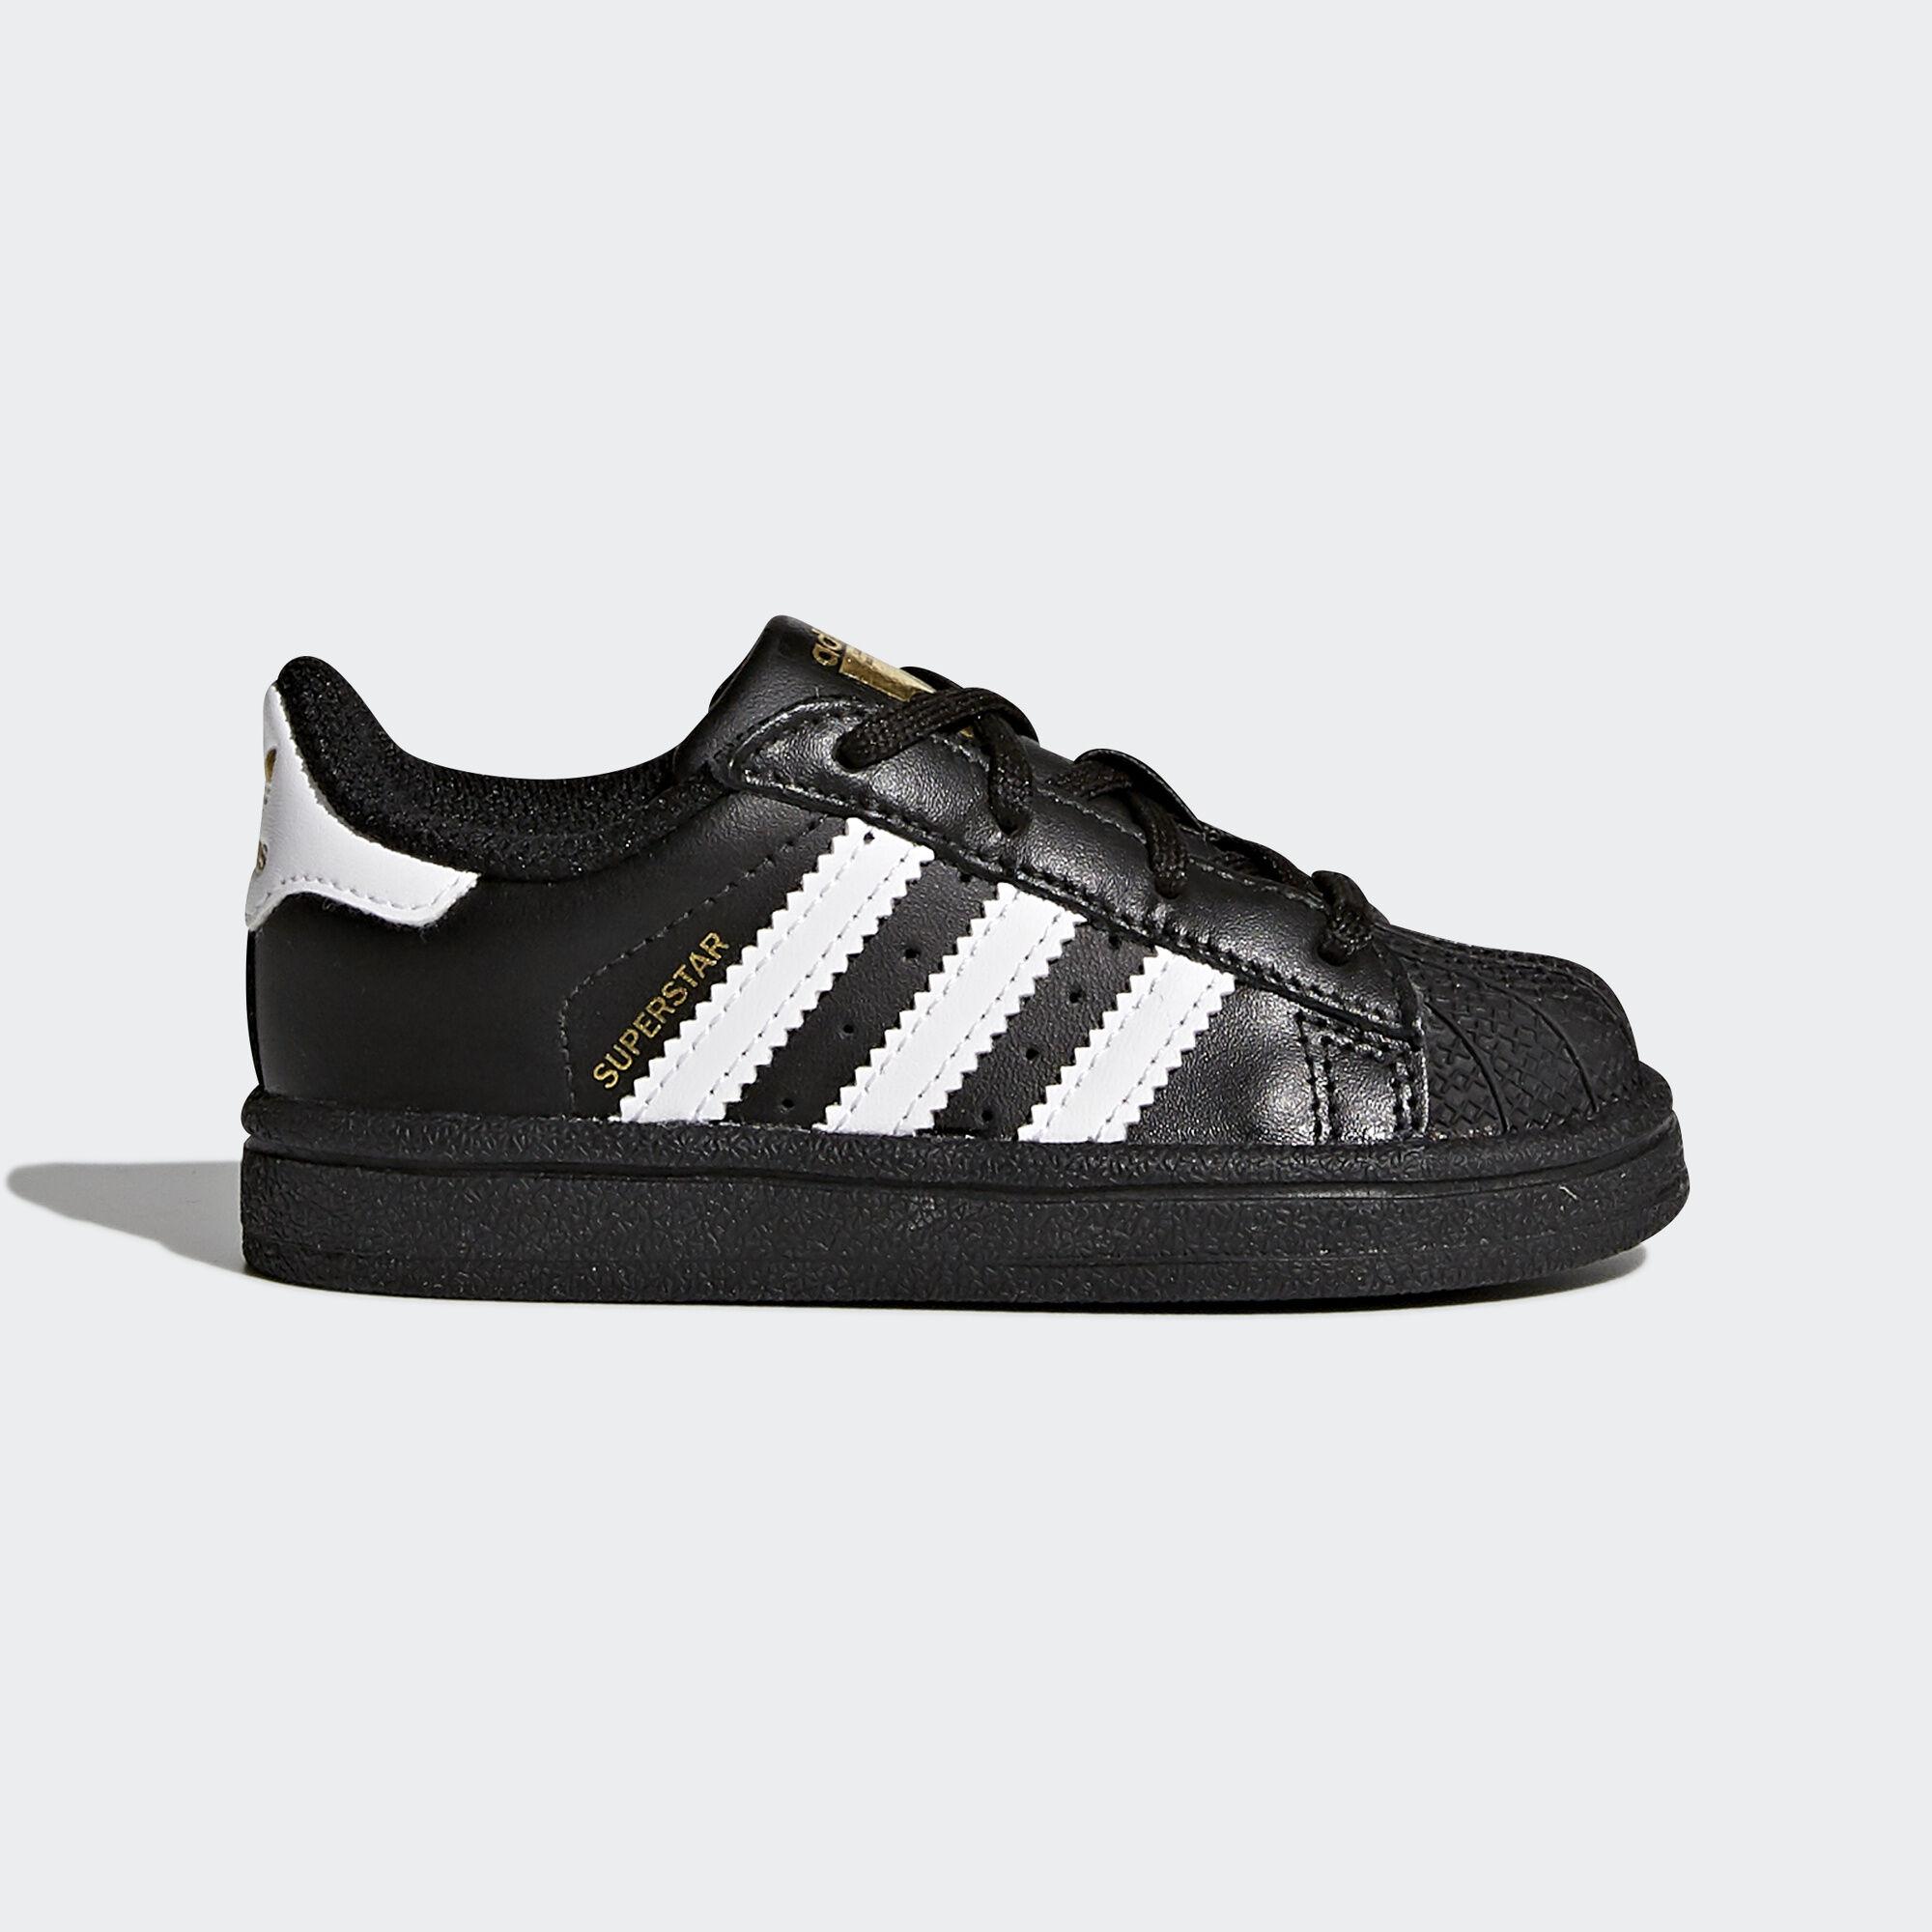 the latest 3c2a9 11e44 Adidas Superstar Shoes Nz aoriginal.co.uk